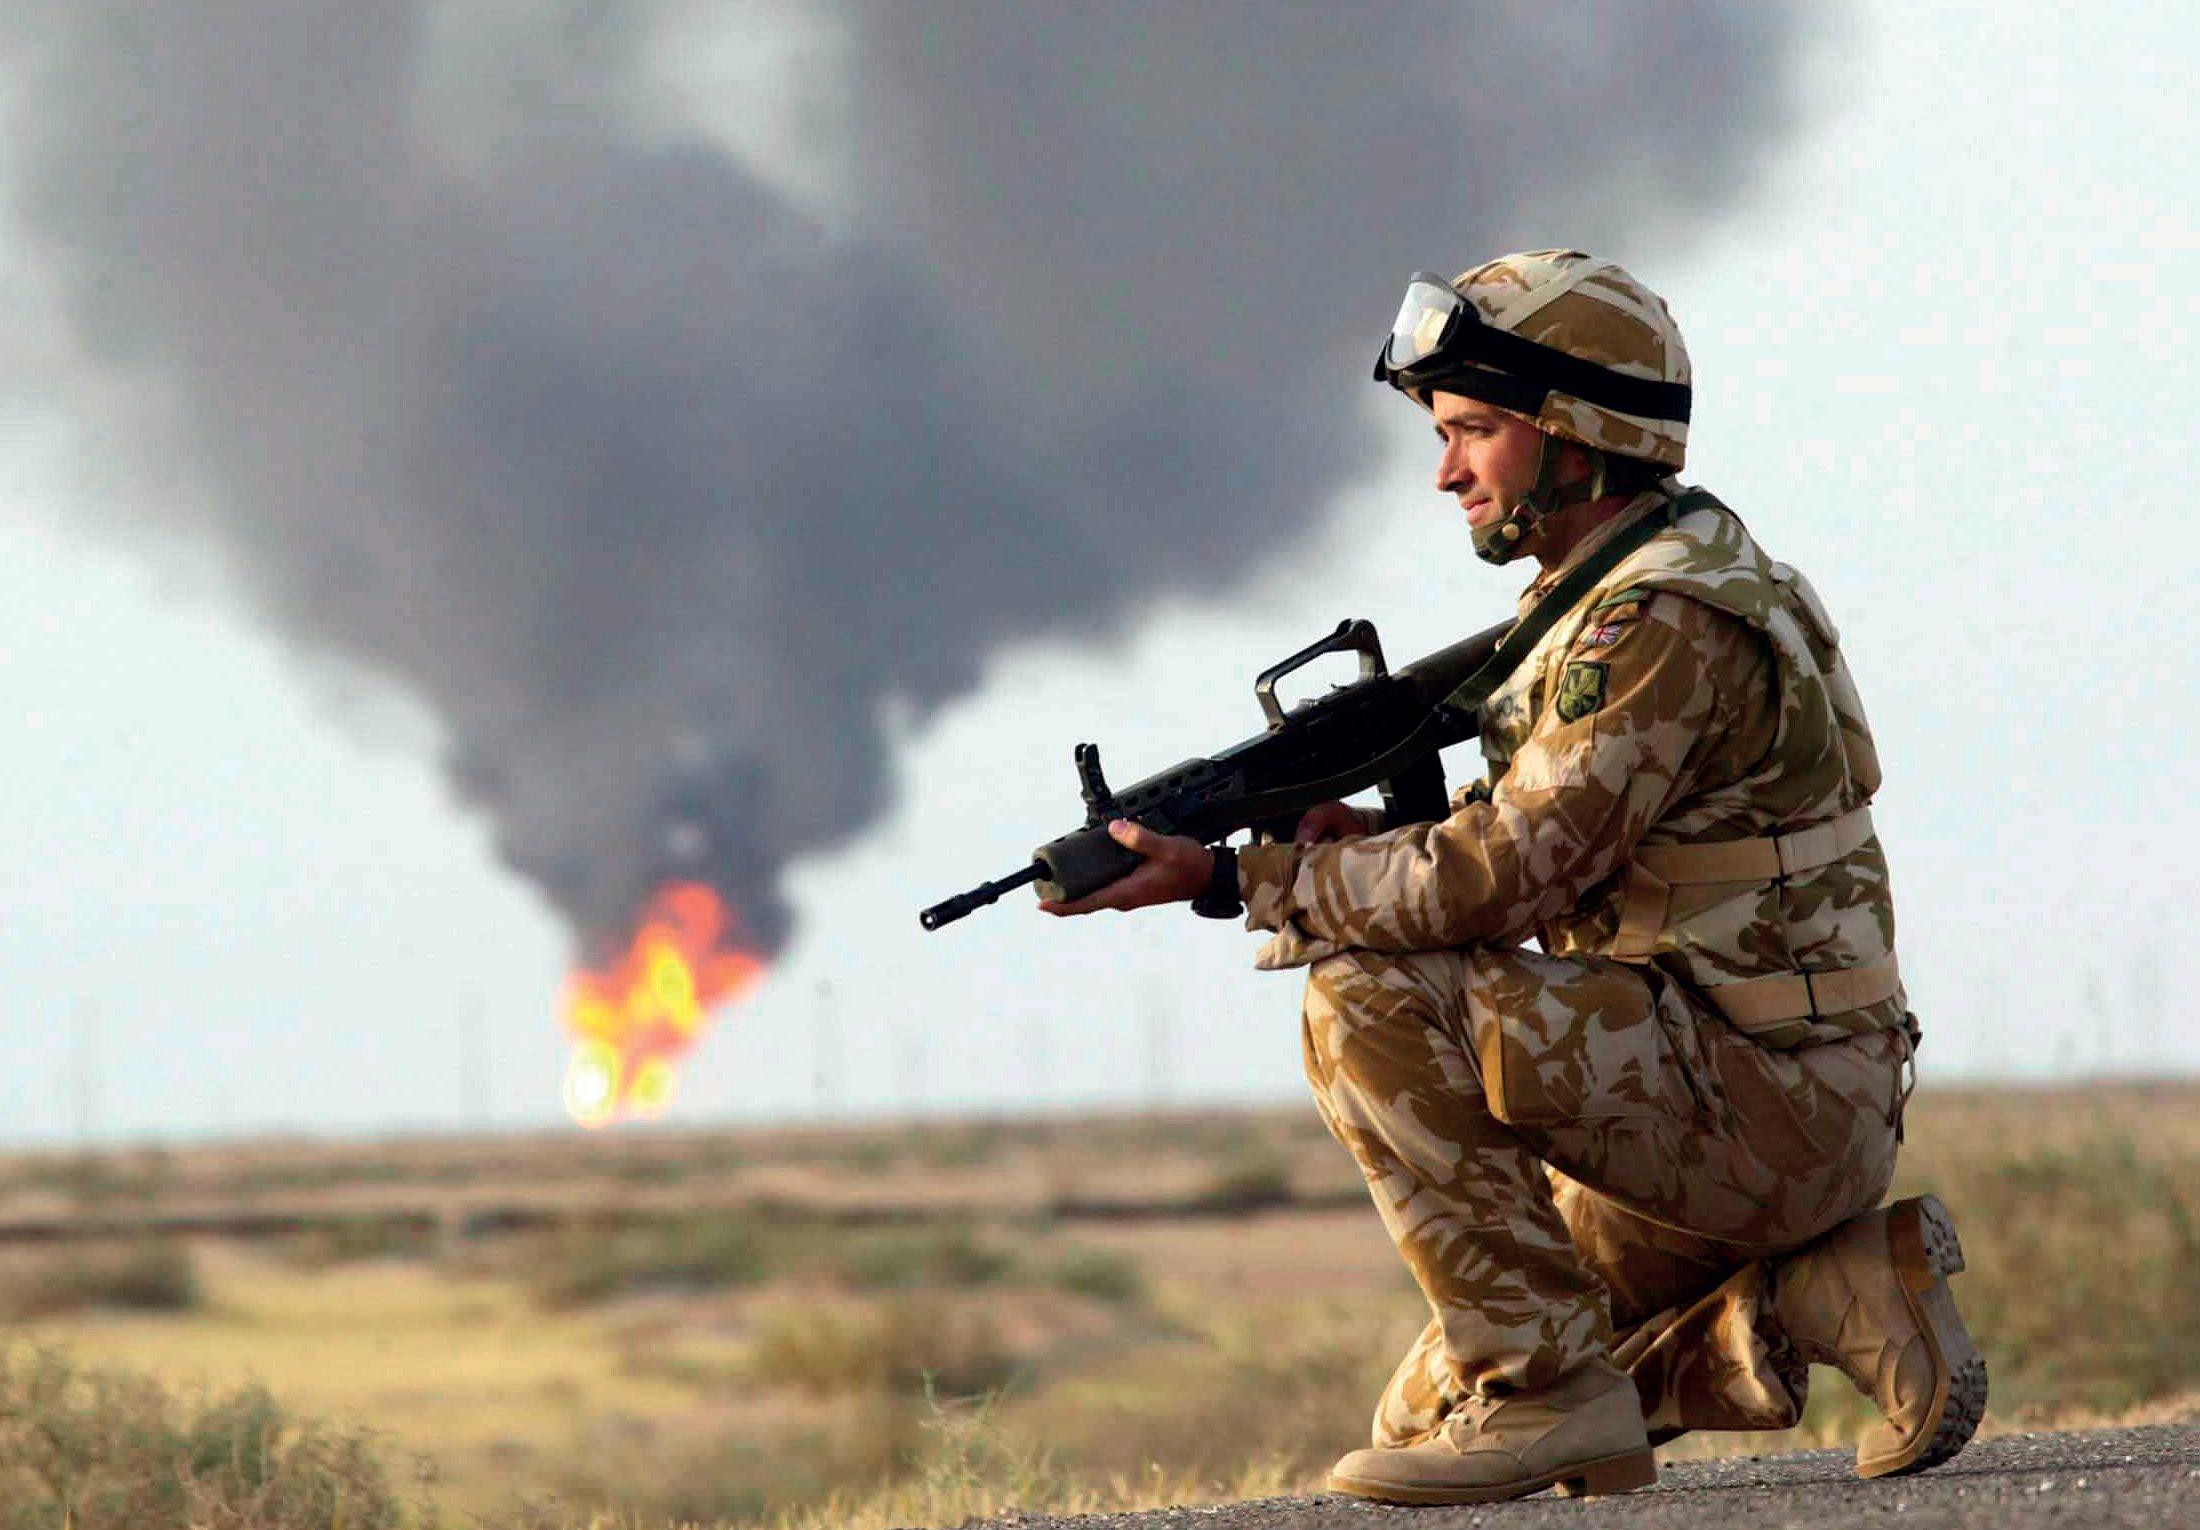 Yhdysvaltain armeija valloitti Irakin nopeasti vuonna 2003. Irakilaiset sytyttivät vetäytyessään öljylähteitä palamaan. KUVA: GAMMA/IAN JONES/SKOY